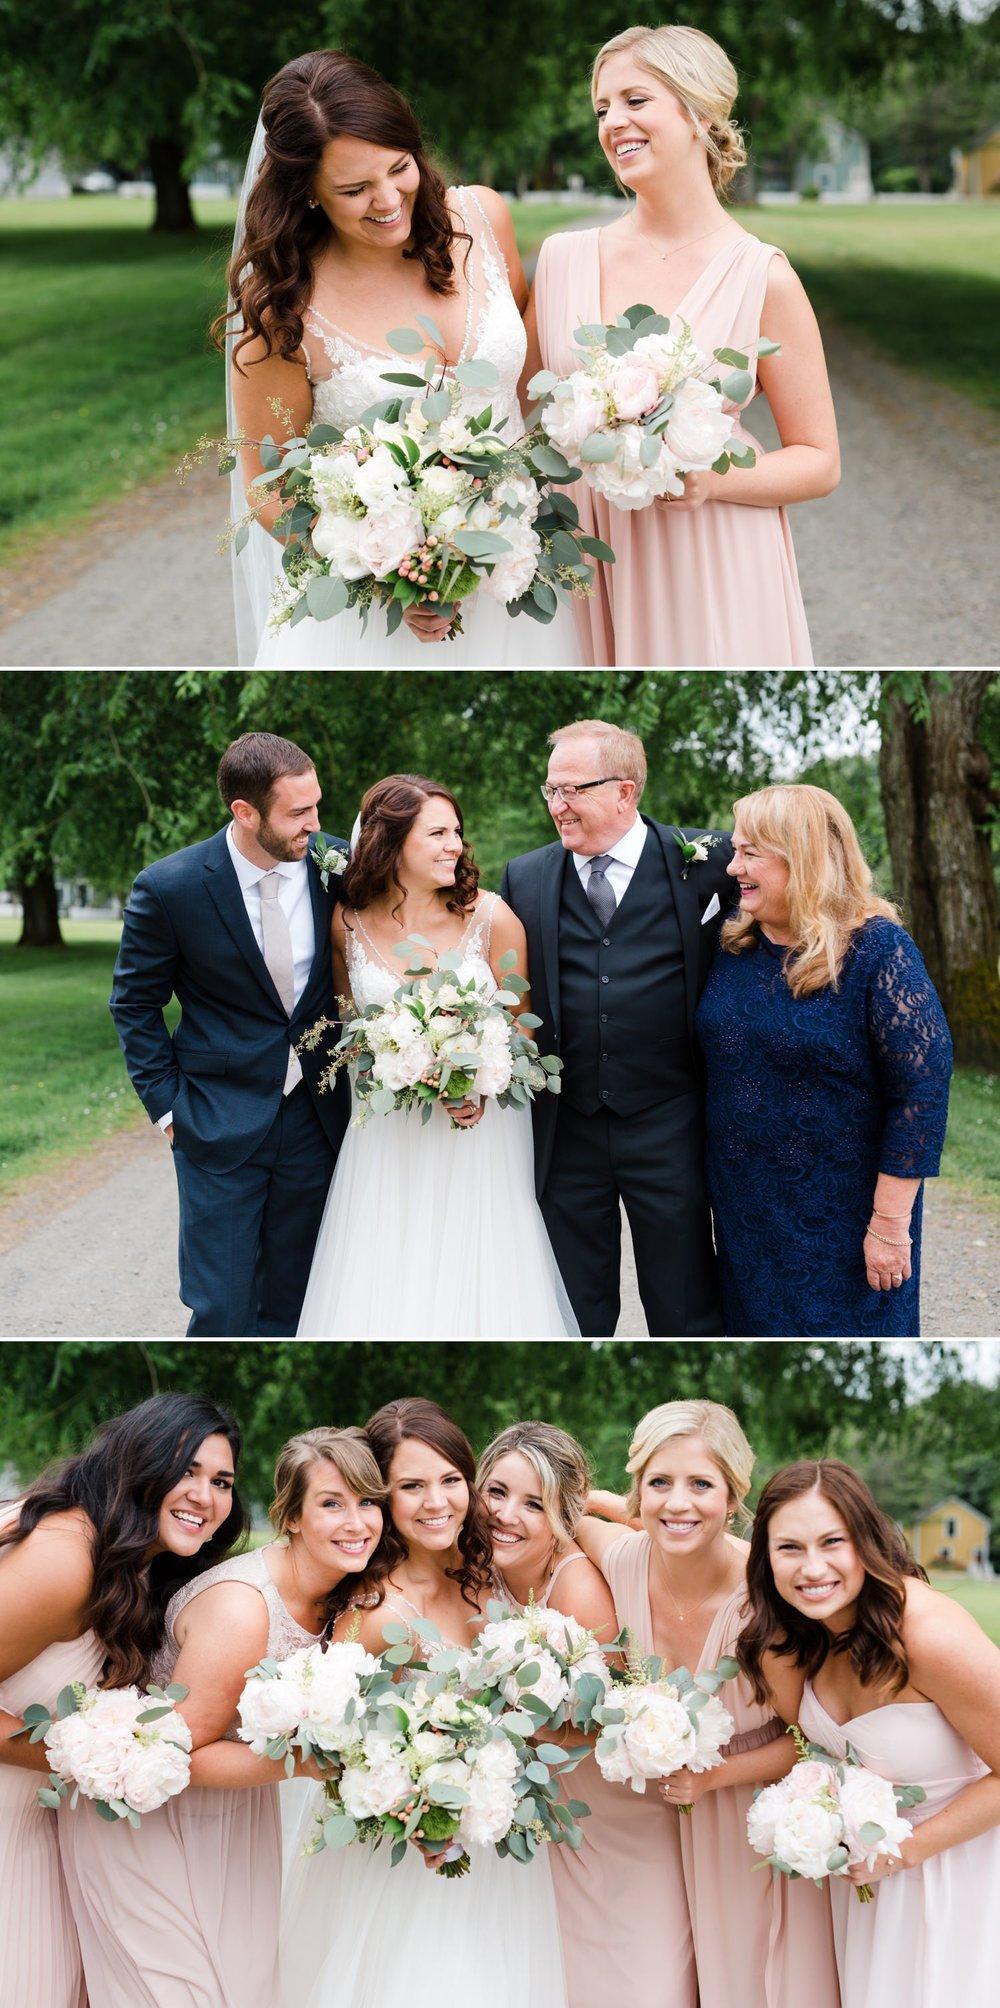 22-seattle-wedding-photographer-cameron-zegers.jpg